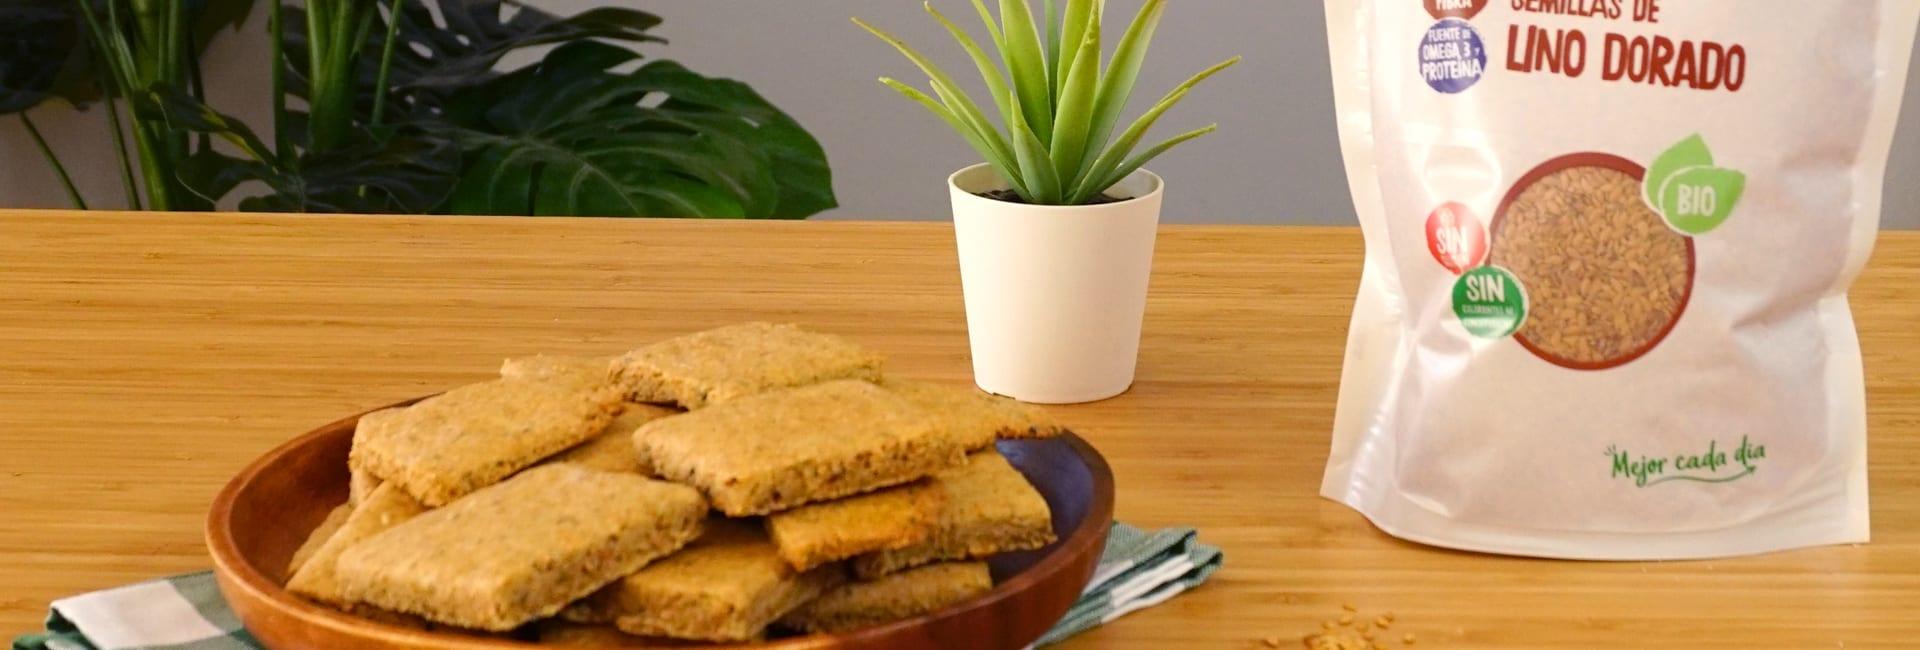 Crackers de lino y tomillo